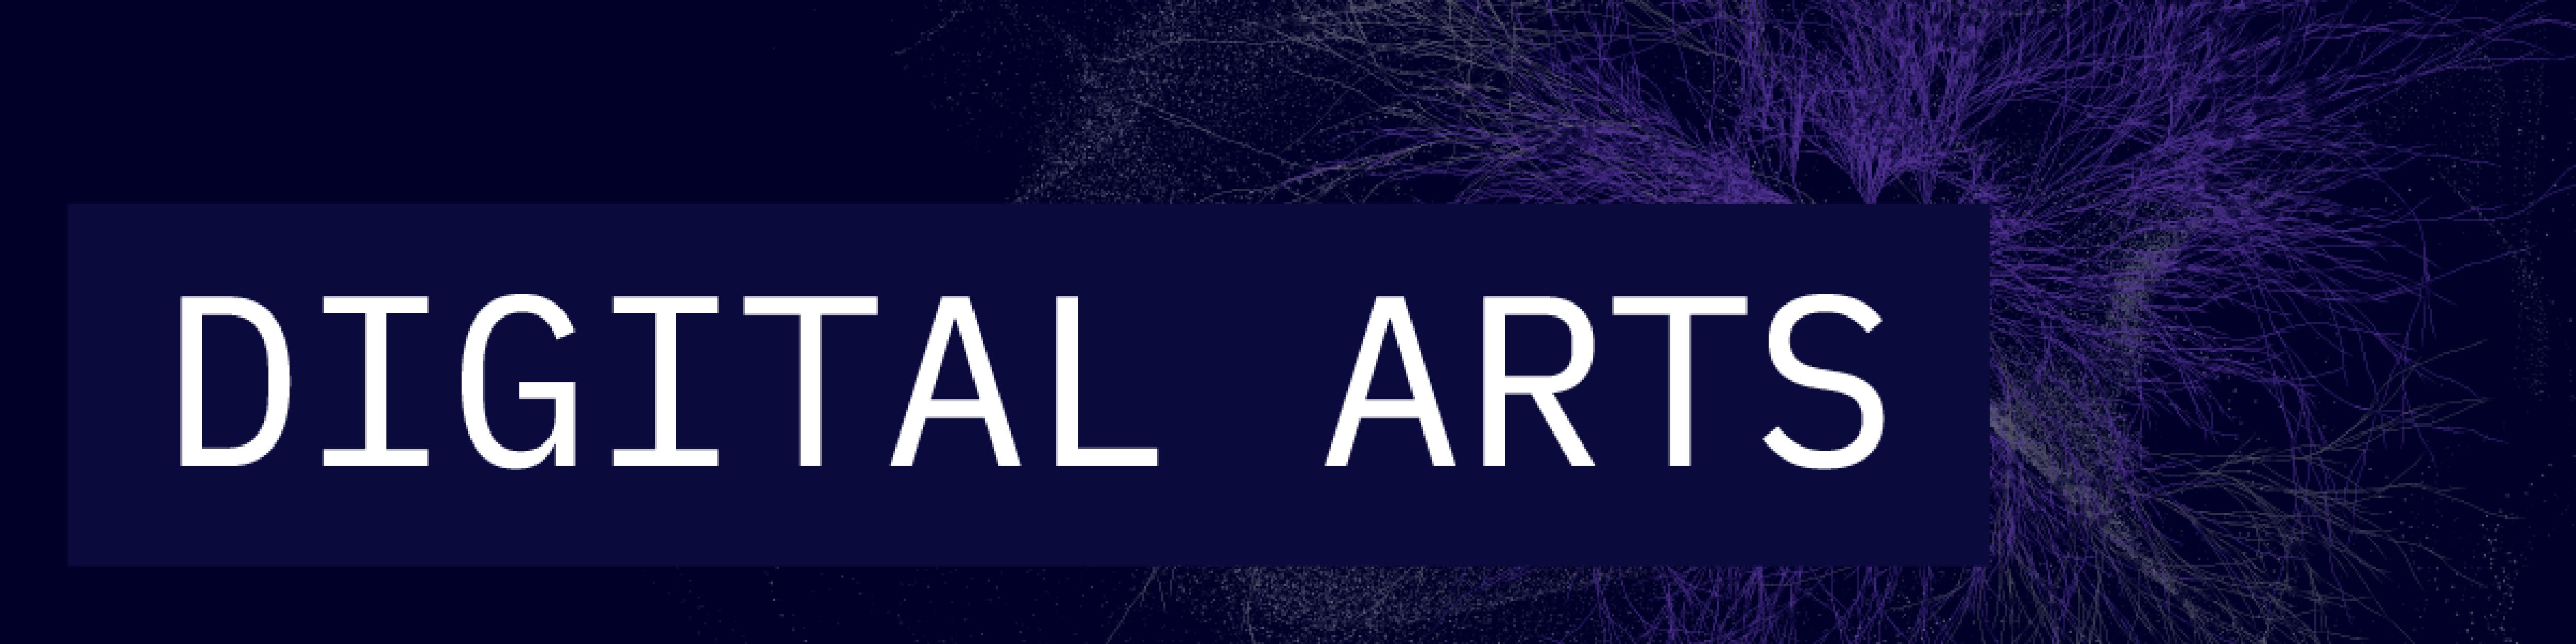 Digital-Arts-HS-Banner(1200x300)-No DD Logo